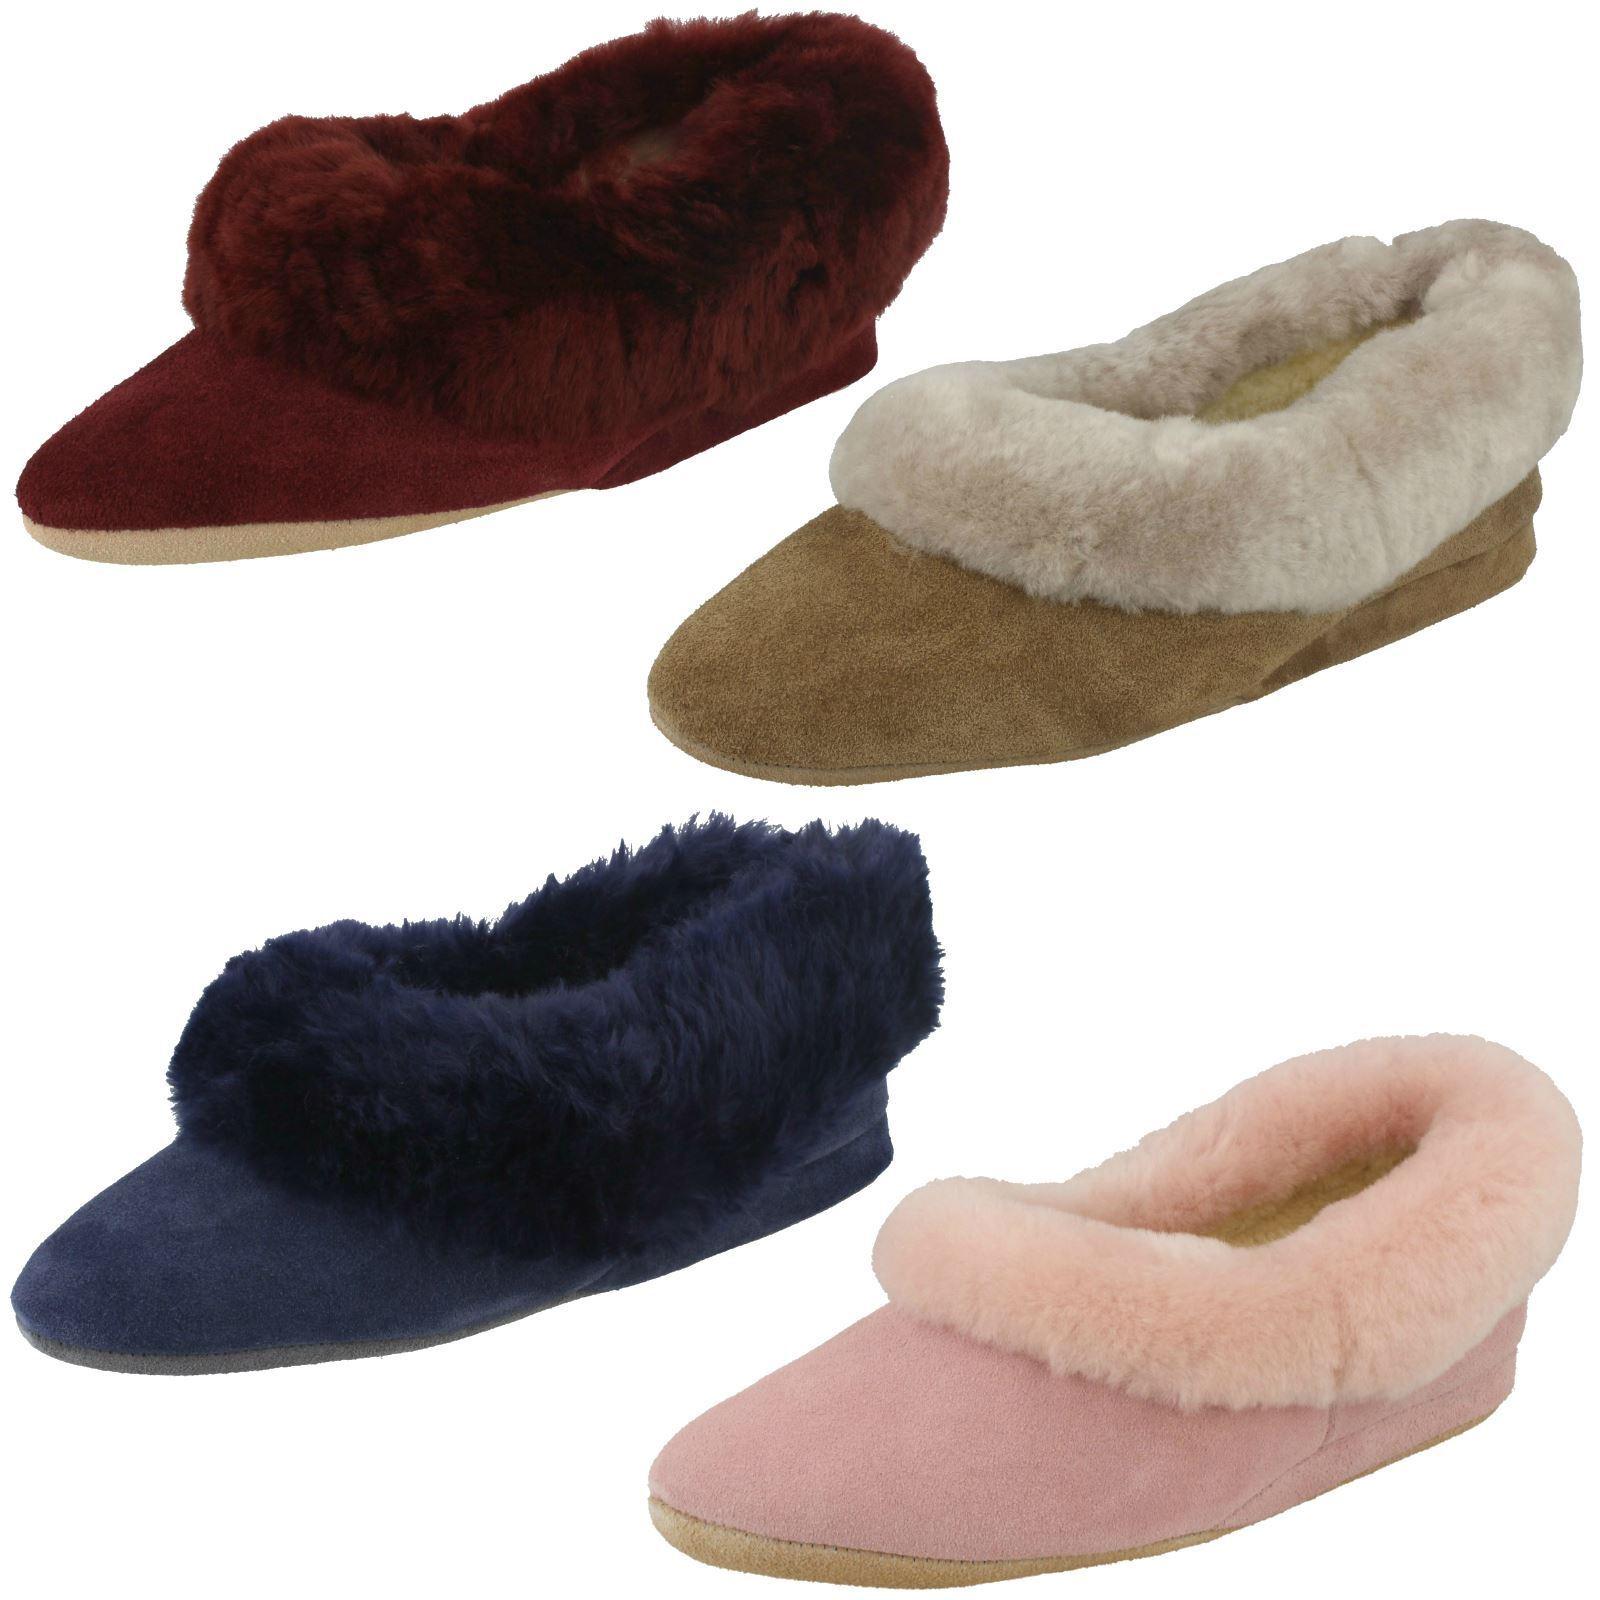 Señoras Morlands Resbalón en Zapatillas de cuero con adorno de de de piel Seaforth  descuento de bajo precio